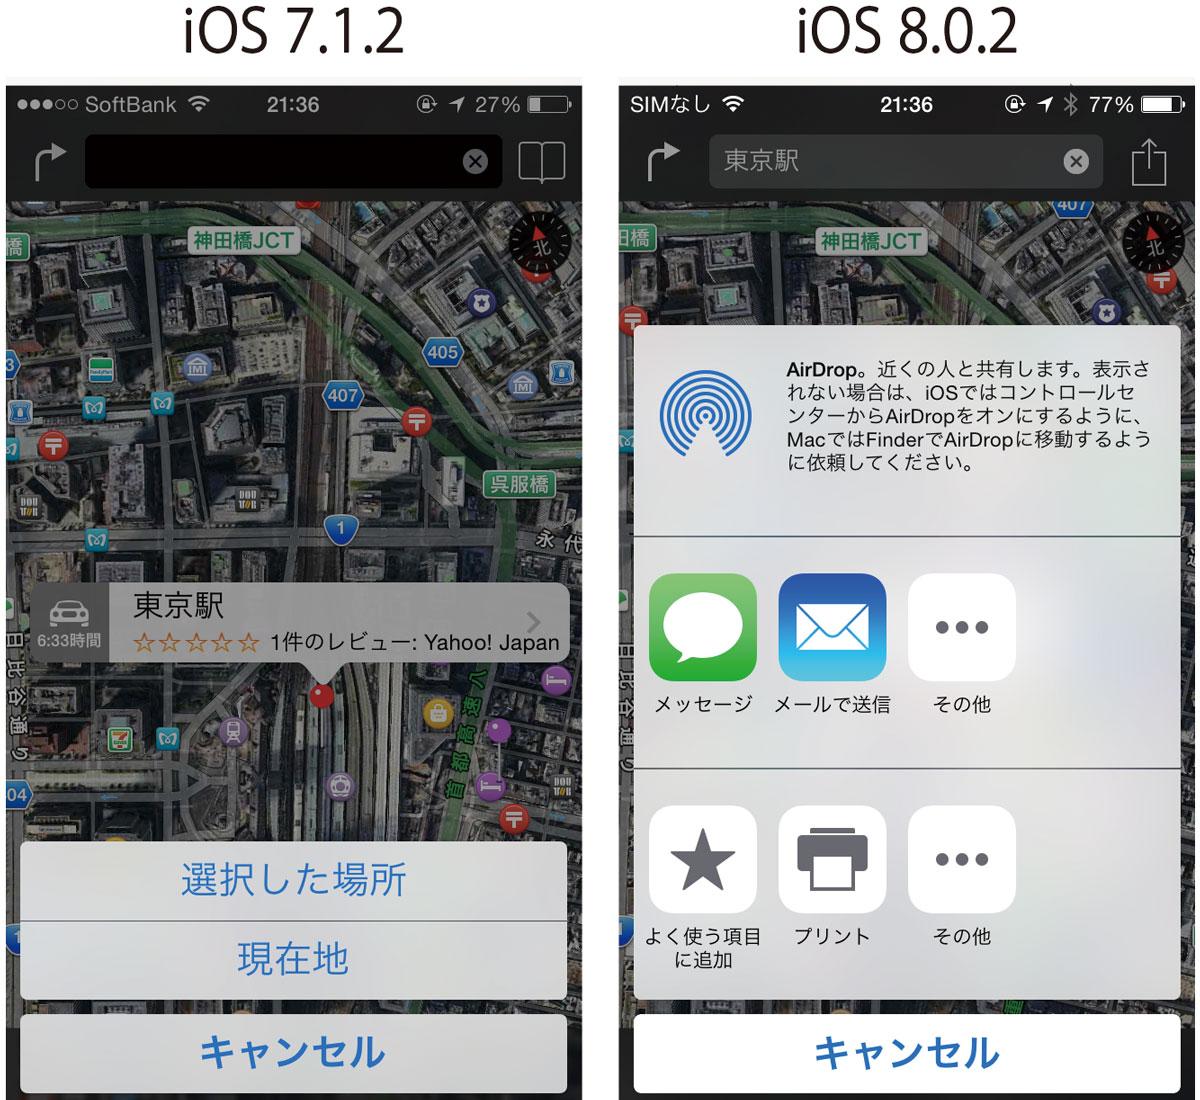 20141001-IOS8-09